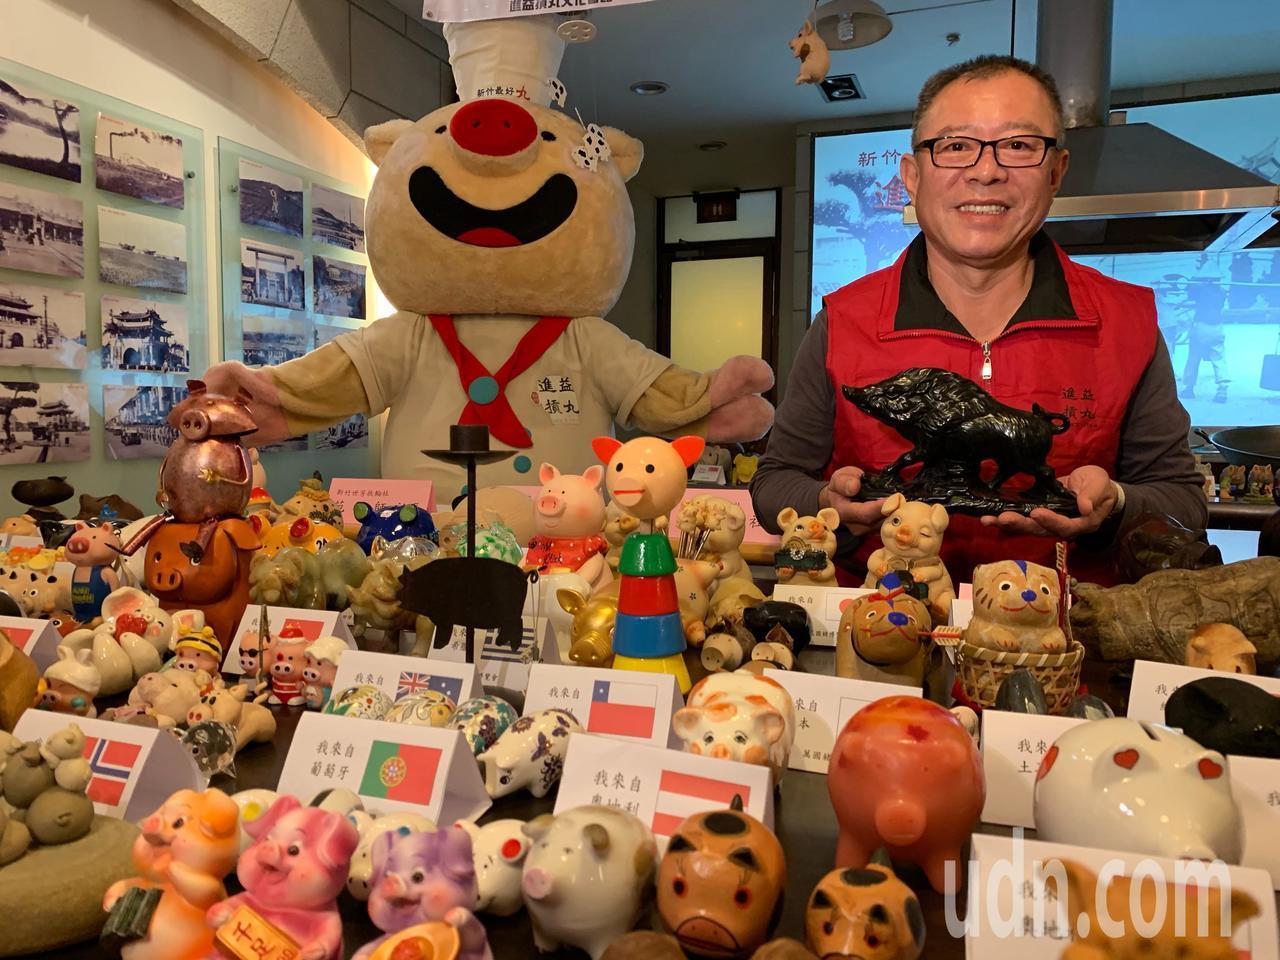 進益摃丸董事長葉聰敏收藏上千隻豬藝品,每一隻都很有特色。記者郭宣彣/攝影